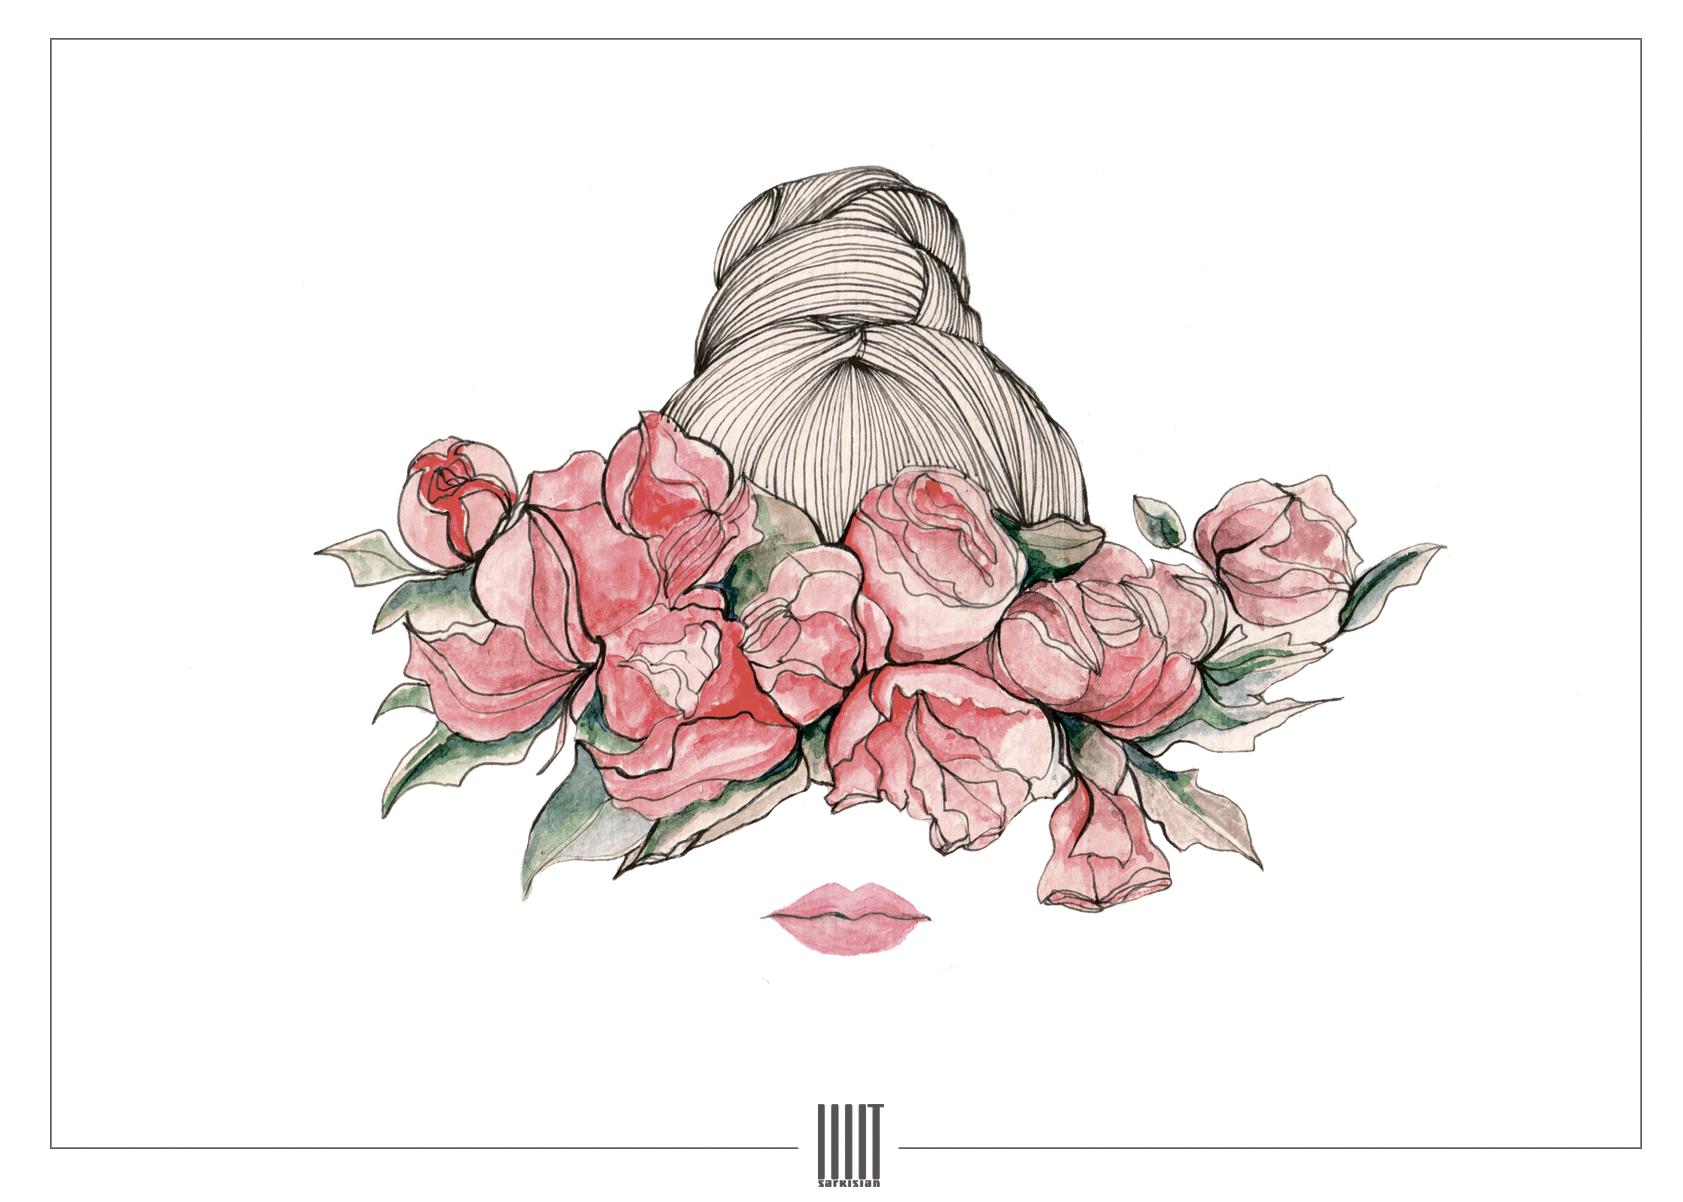 Принт из коллекции весна/лето 2016 FLOWER EYES COLLECTION by IIIIT SARKISIAN